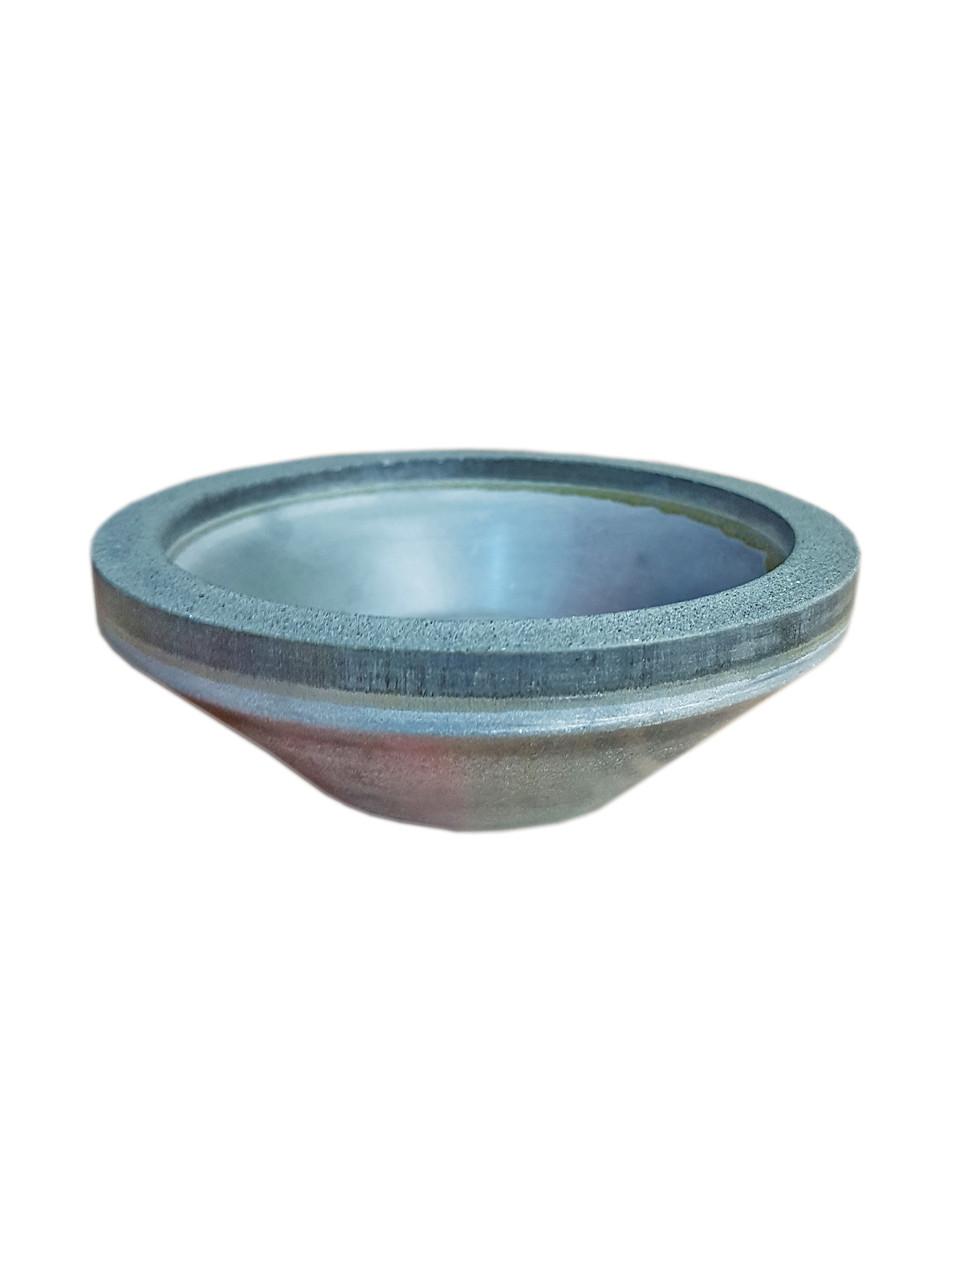 D125х10 d32 чашка діамантова для заточування побідиту